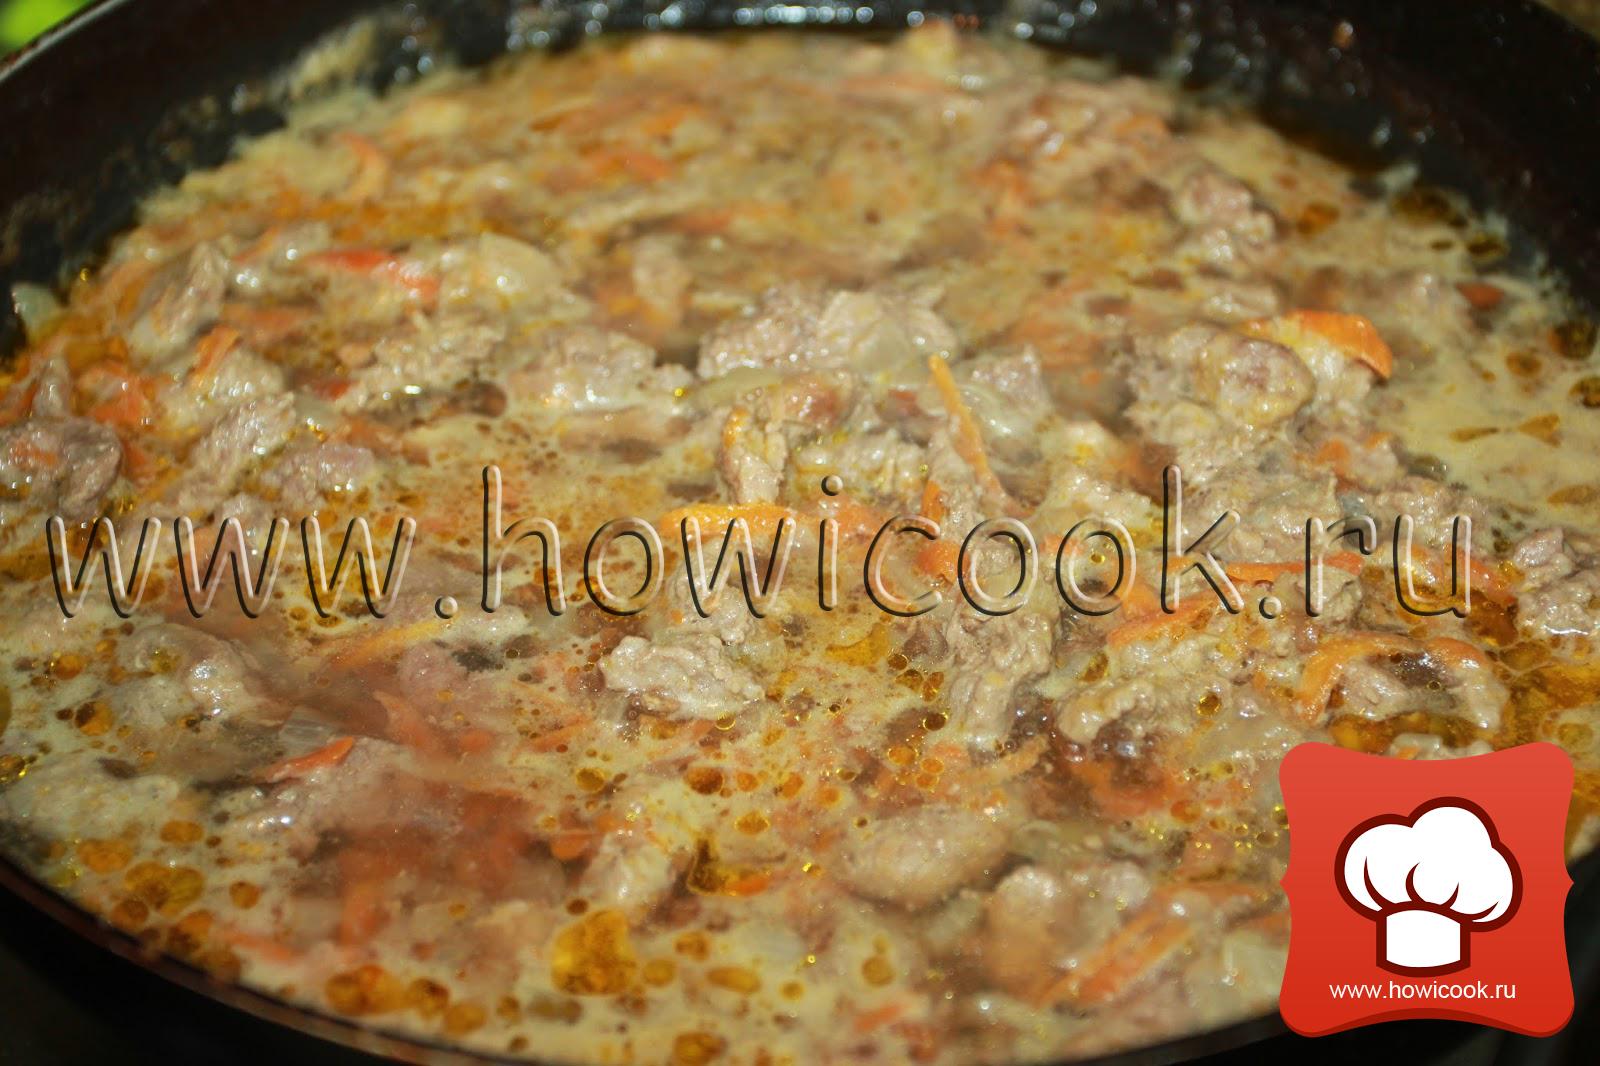 Гуляш из говядины мягкий - пошаговый рецепт с фото 23